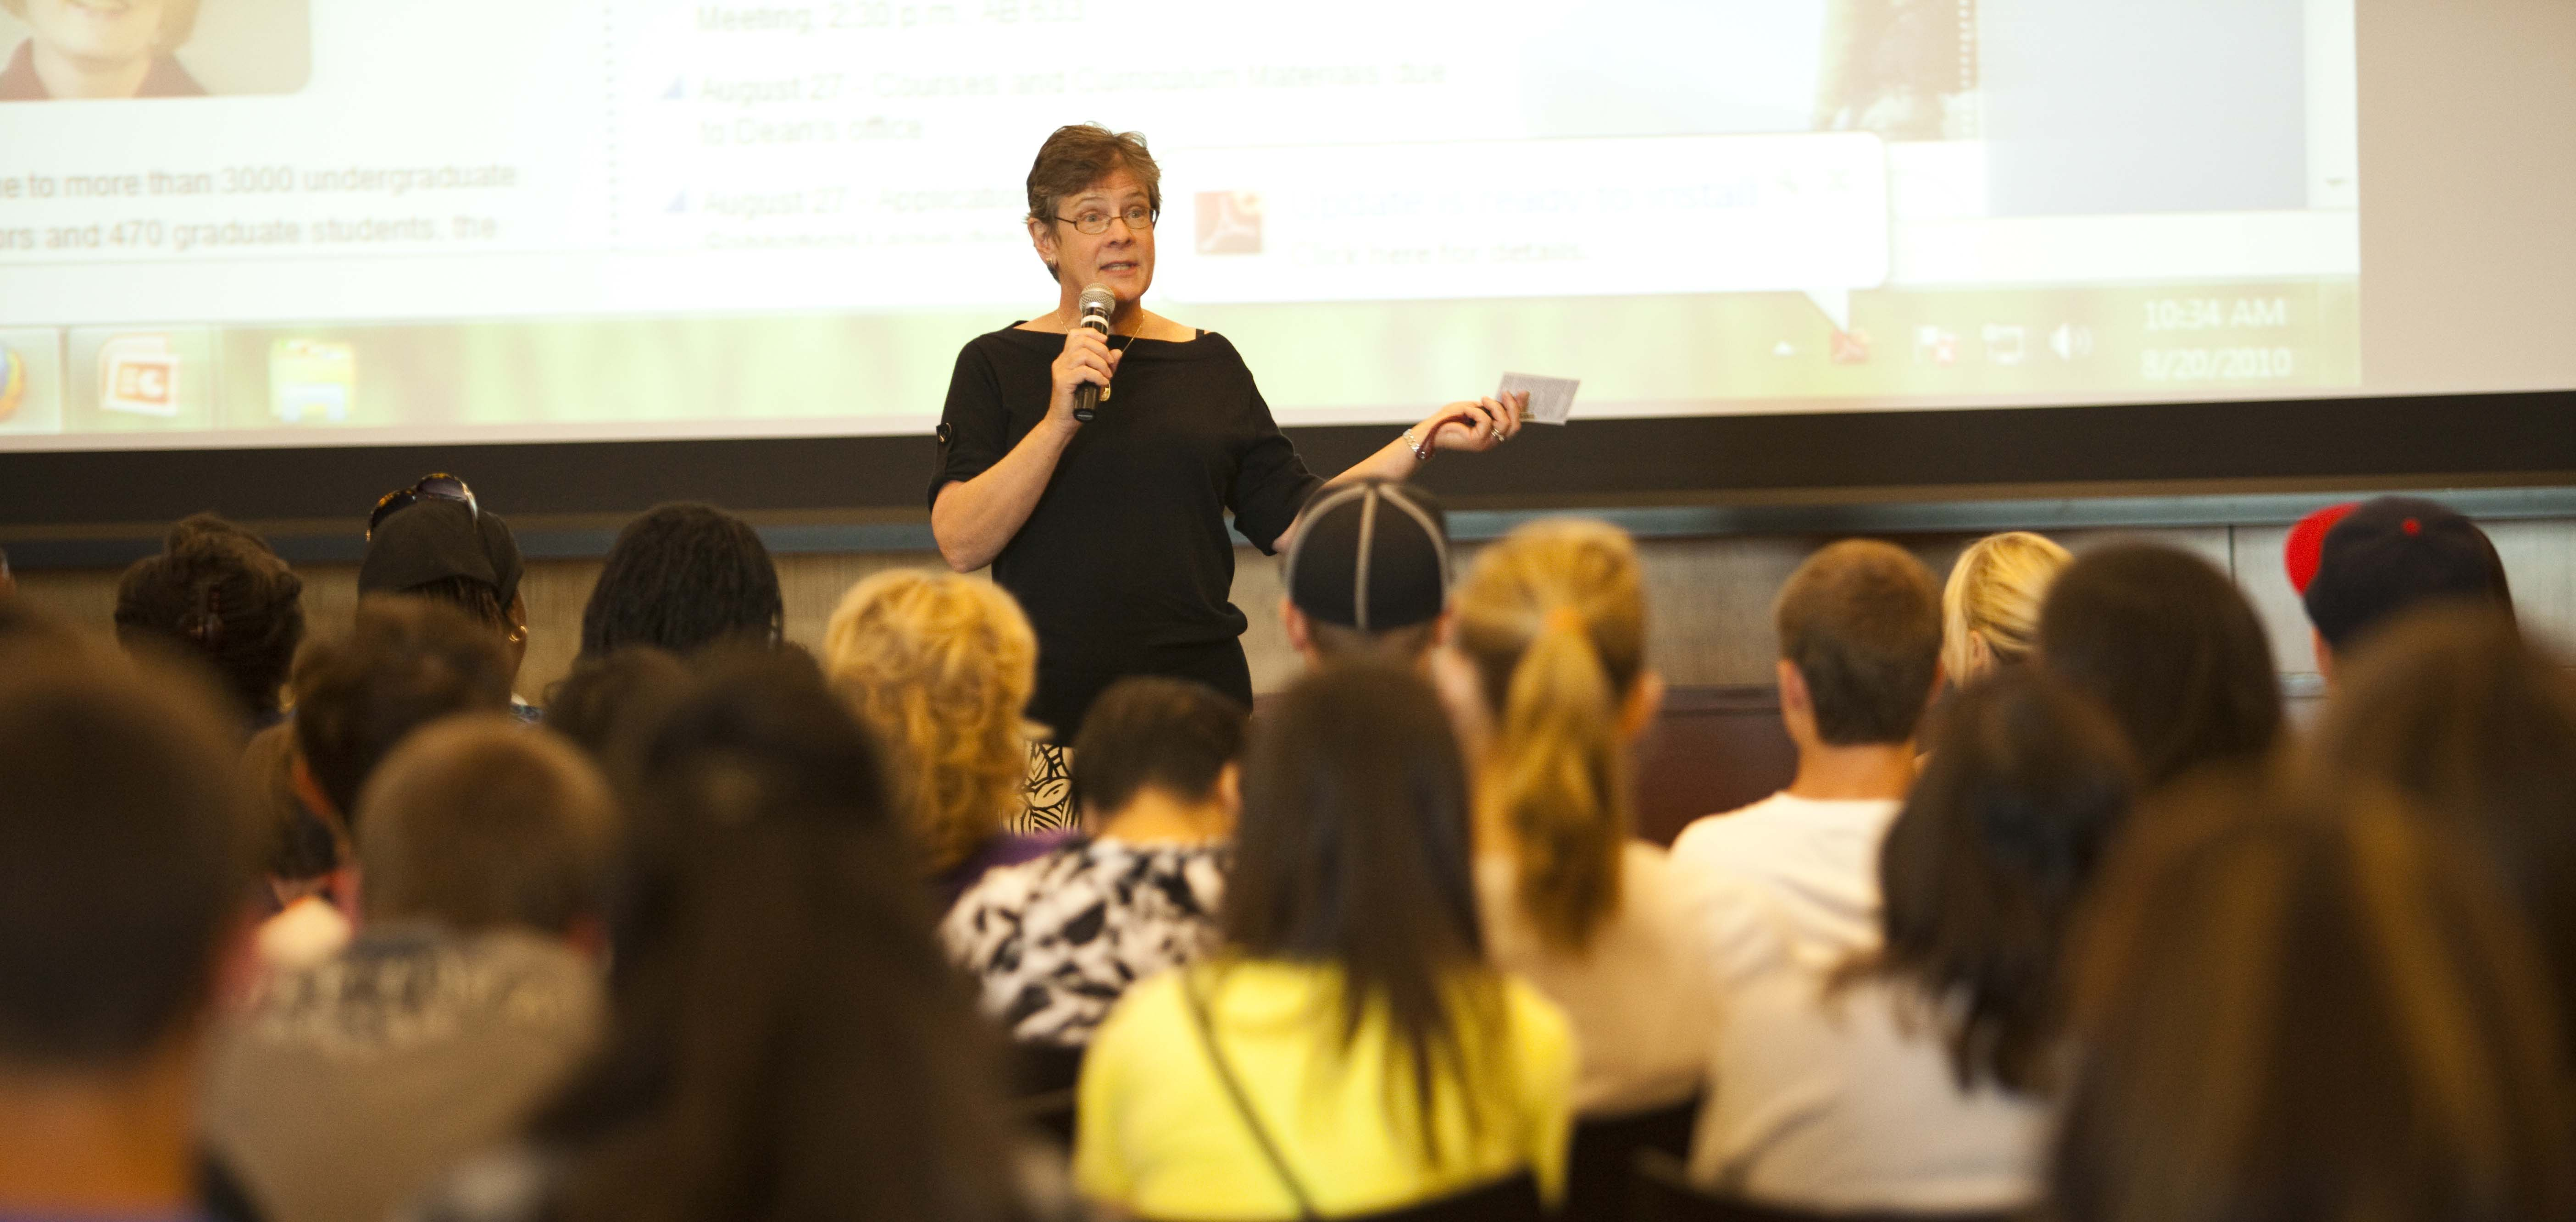 Professor in front of her class